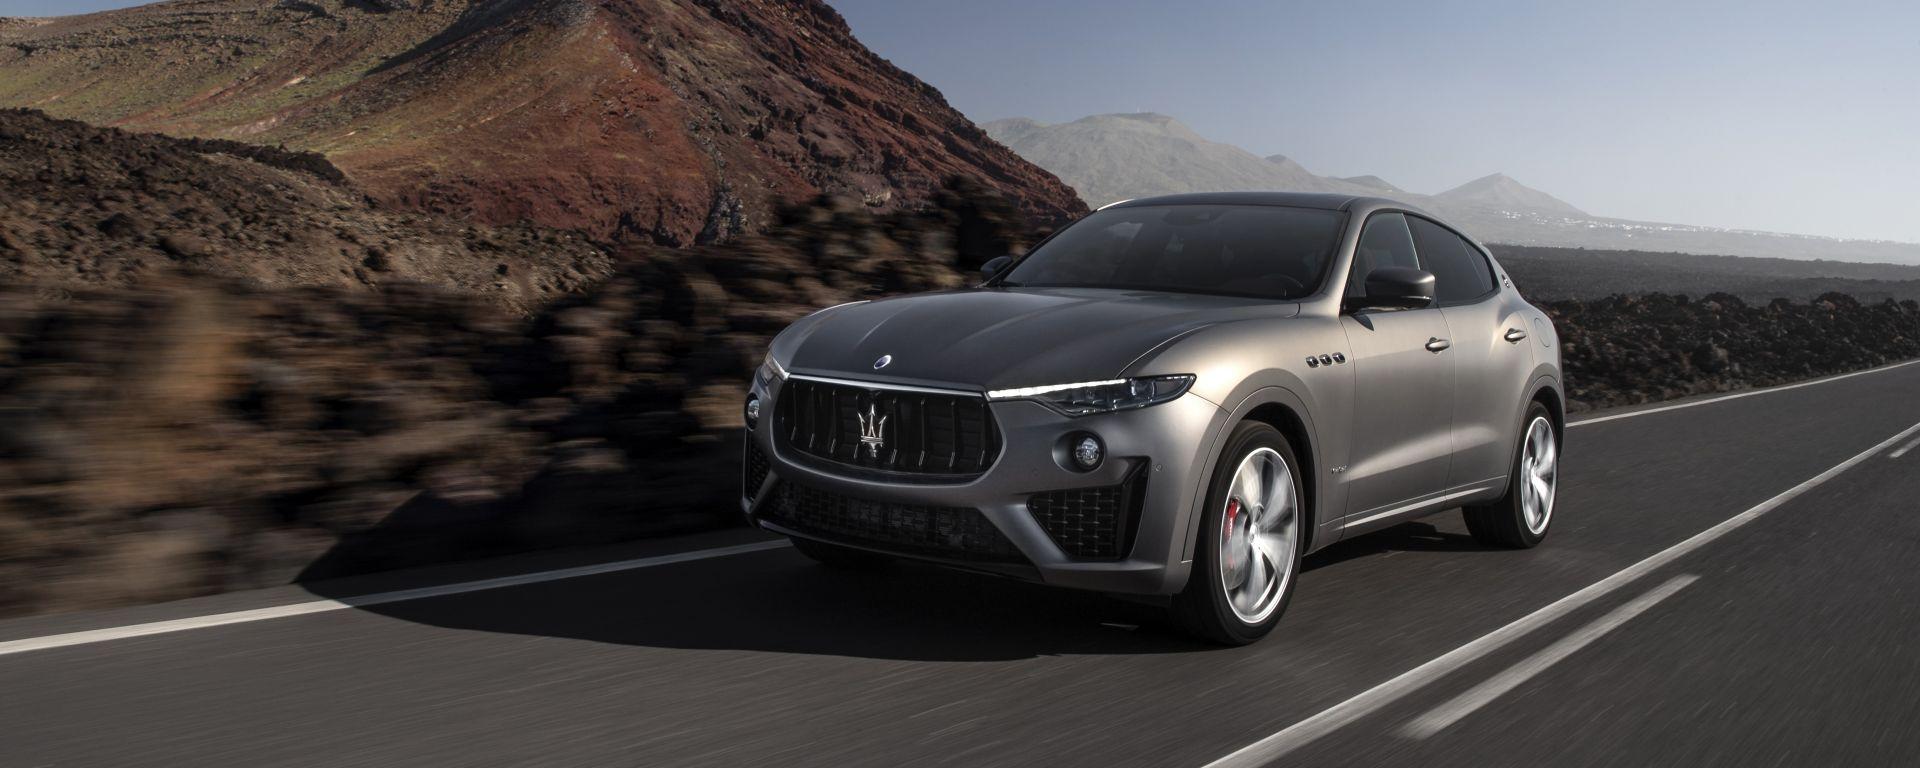 Maserati Levante Vulcano: l'edizione speciale del SUV del Tridente